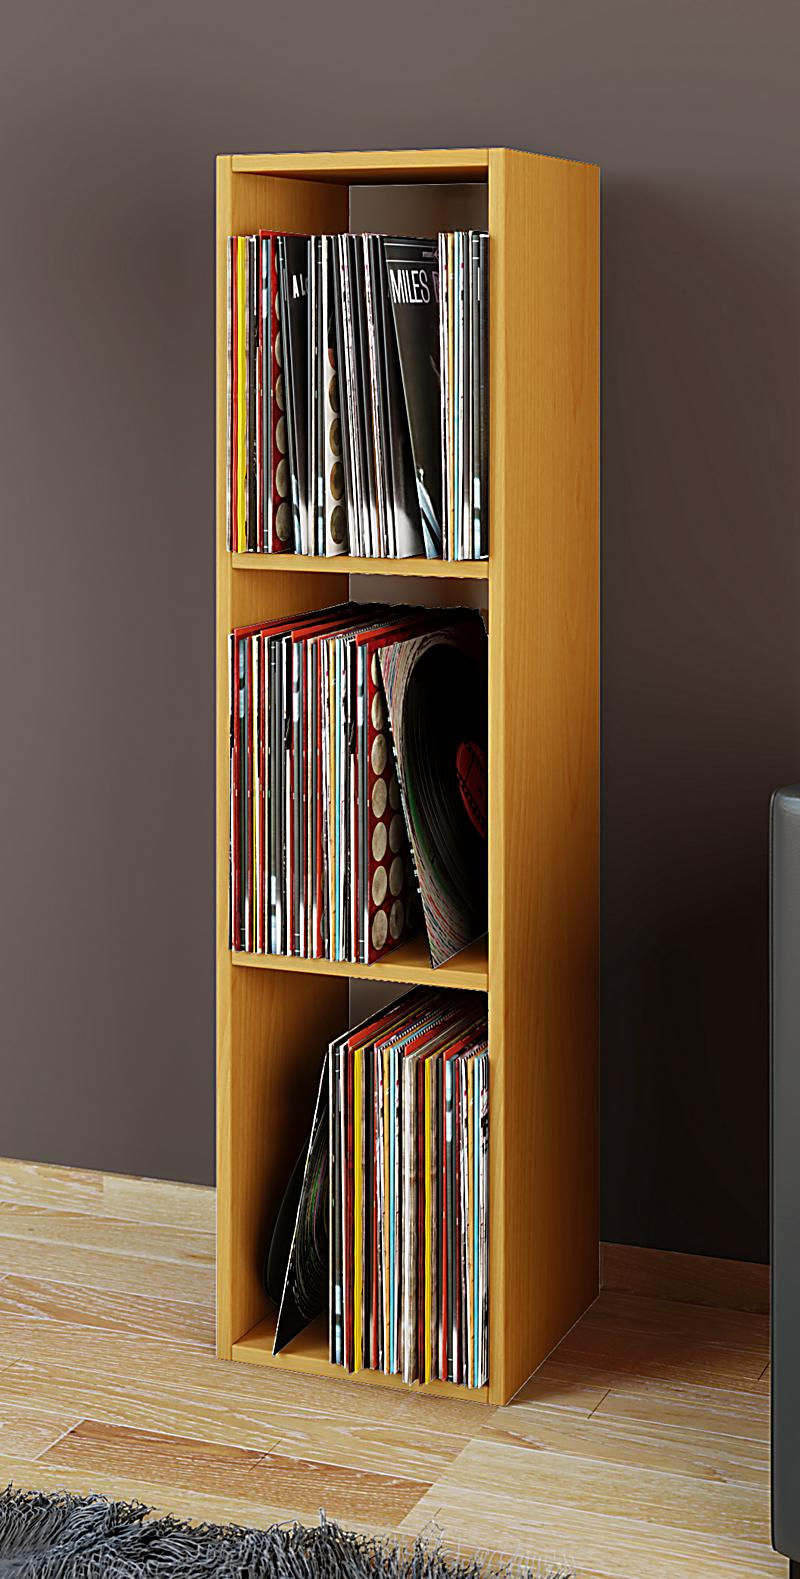 vcm schallplatten regal archiv lp mbel archivierung platto farbe buche - Schallplattenregal